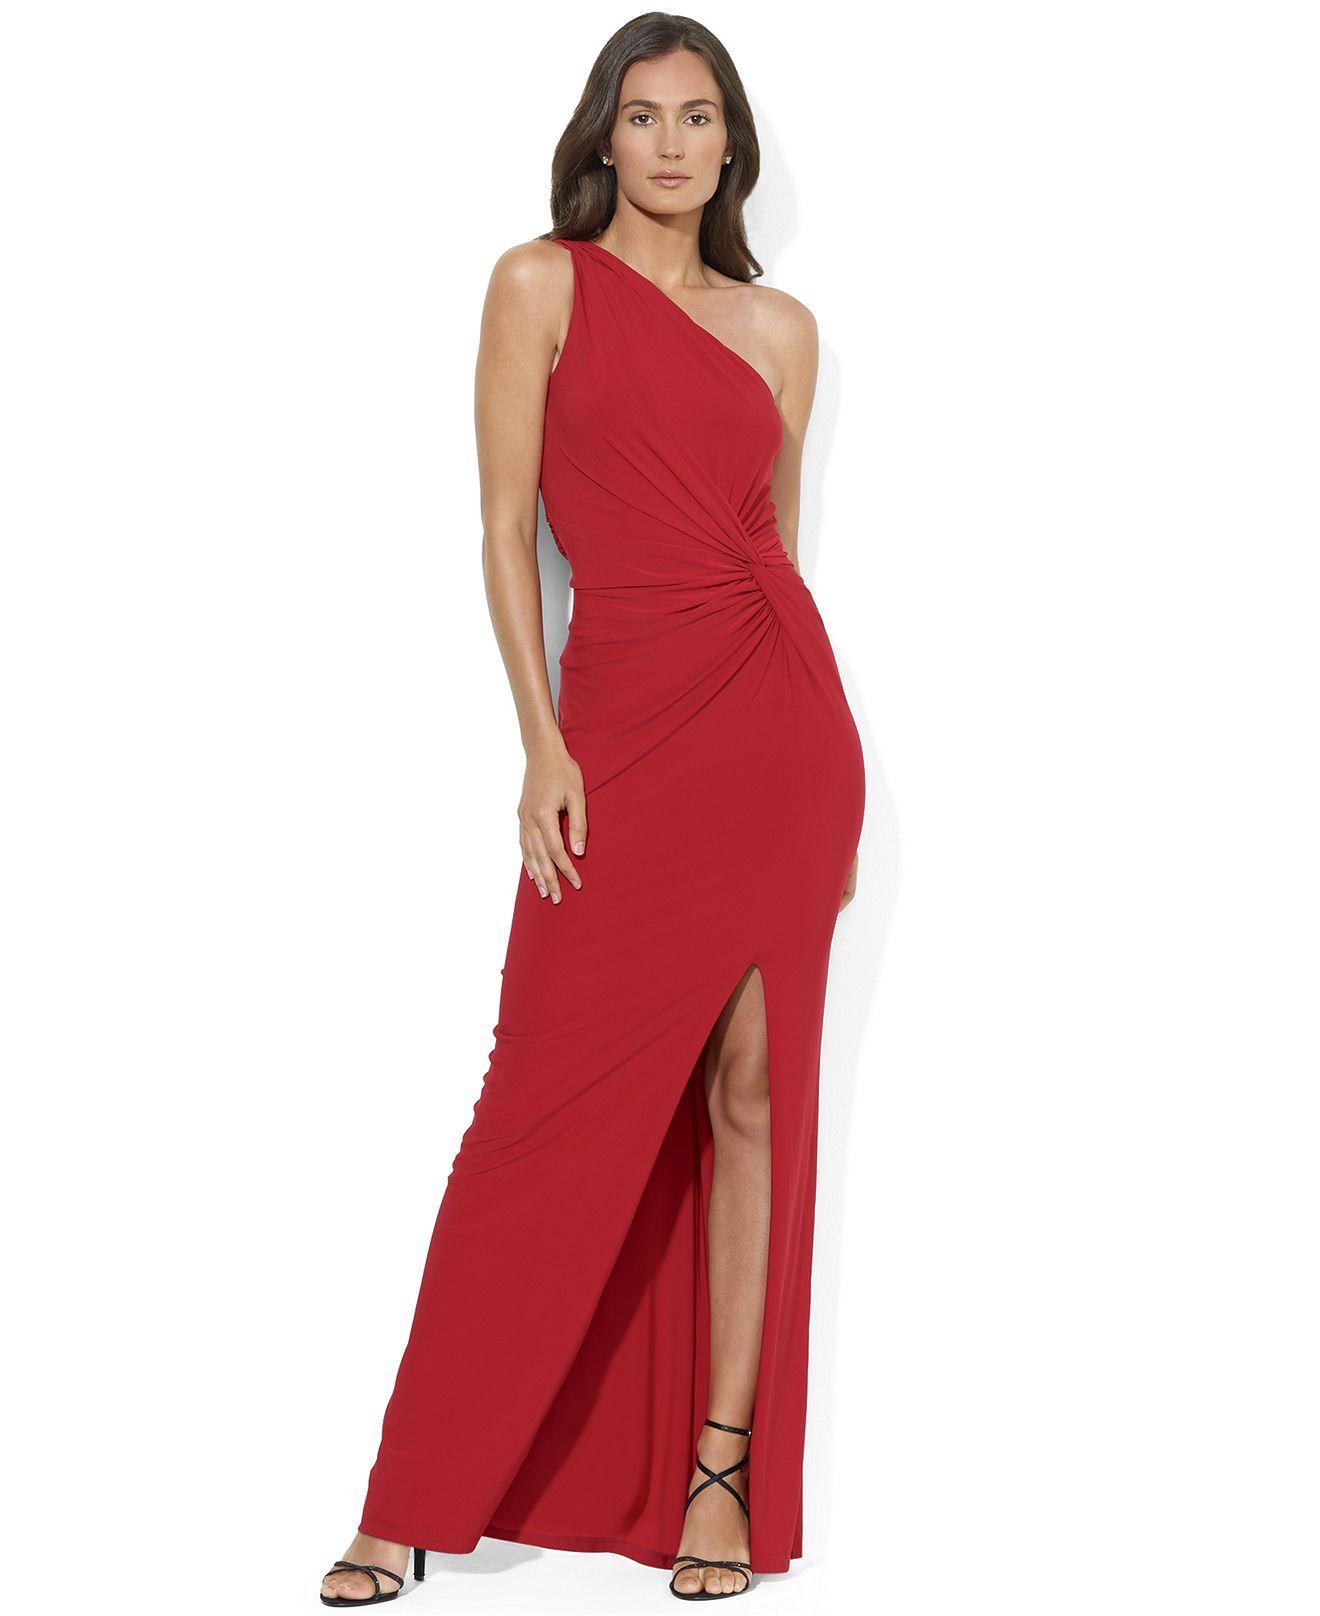 heart ball Lauren Ralph Lauren Dress, One-Shoulder Jersey Ruched ...